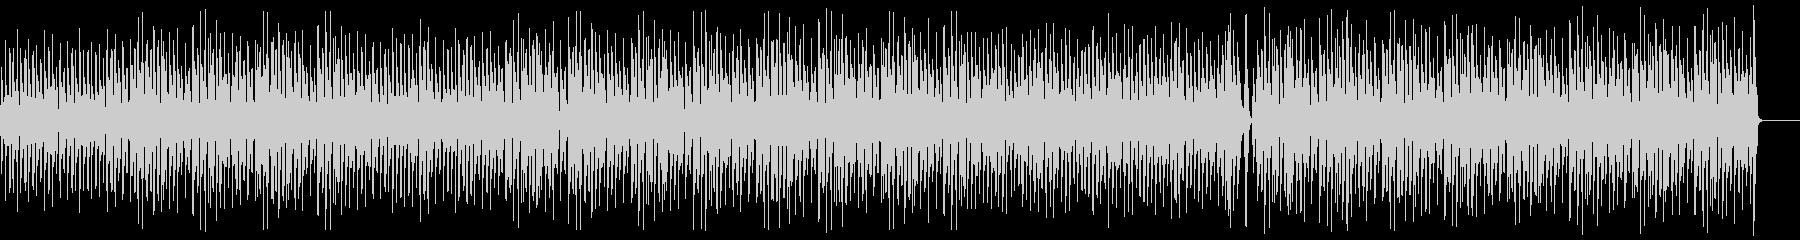 ほのぼの/軽快/ウクレレ/リコーダーの未再生の波形